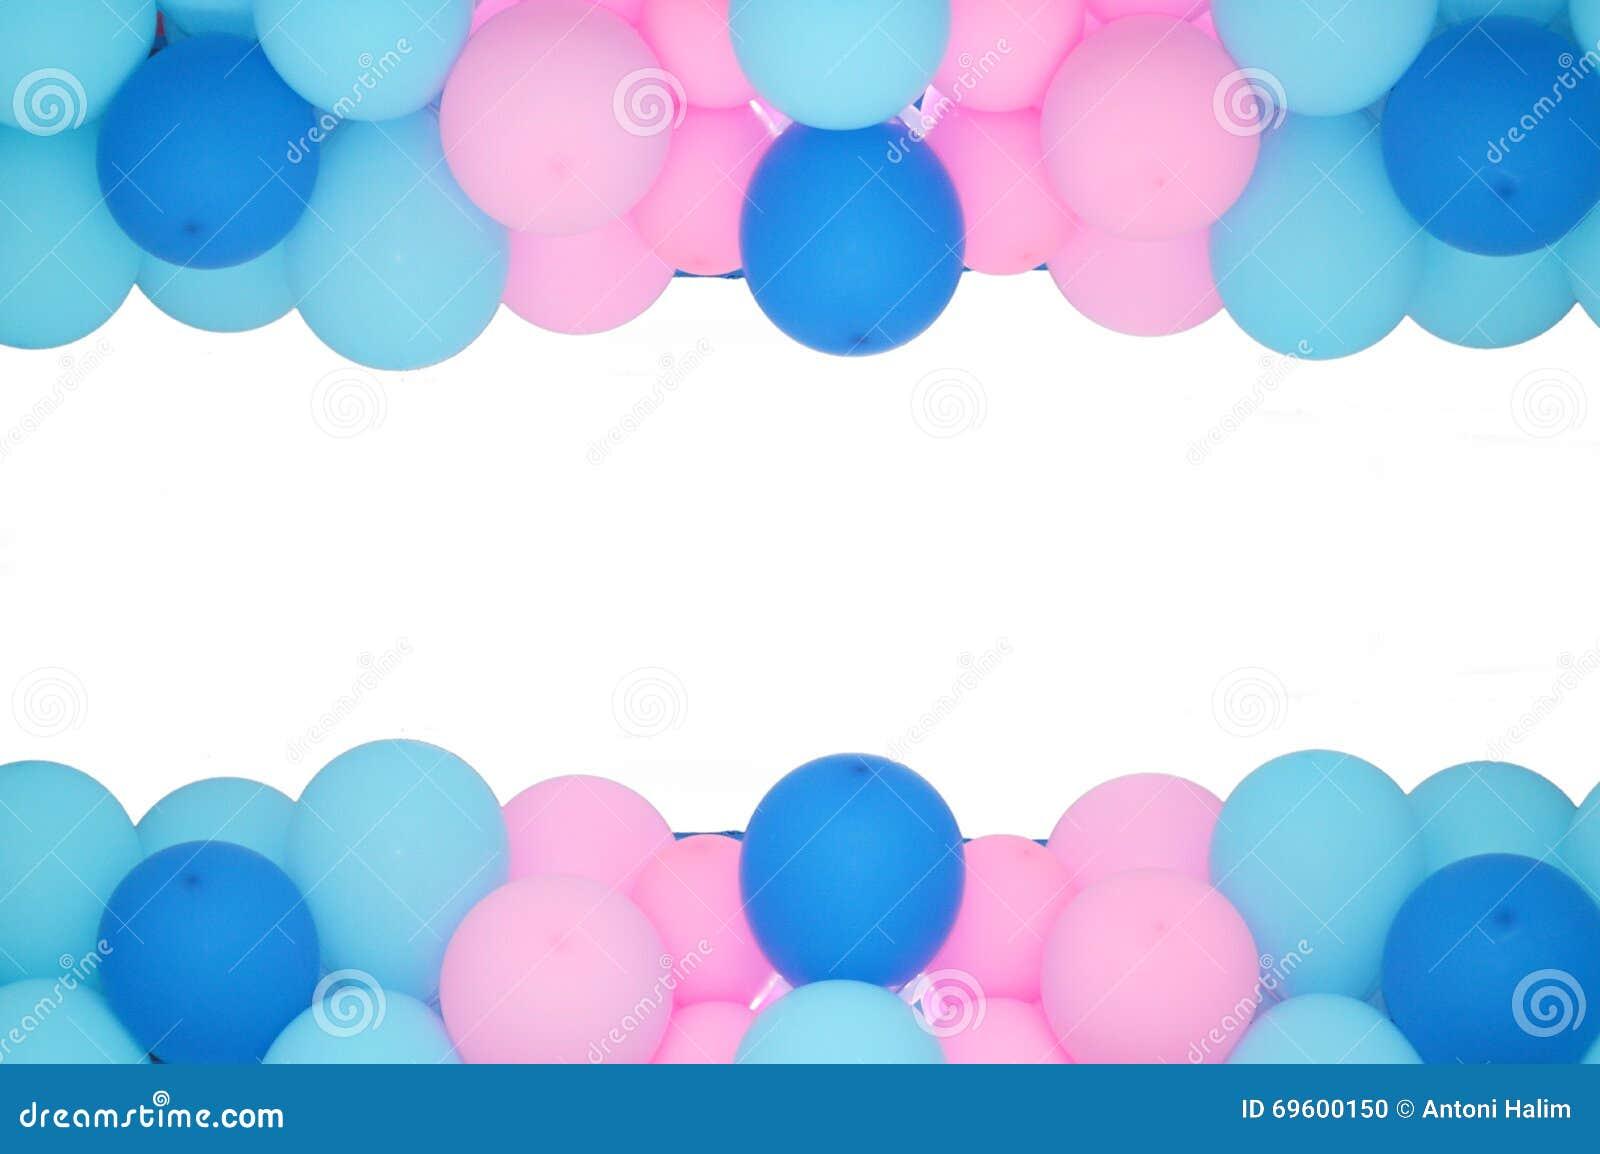 Ballon-Rahmen stockfoto. Bild von hintergrund, ballon - 69600150